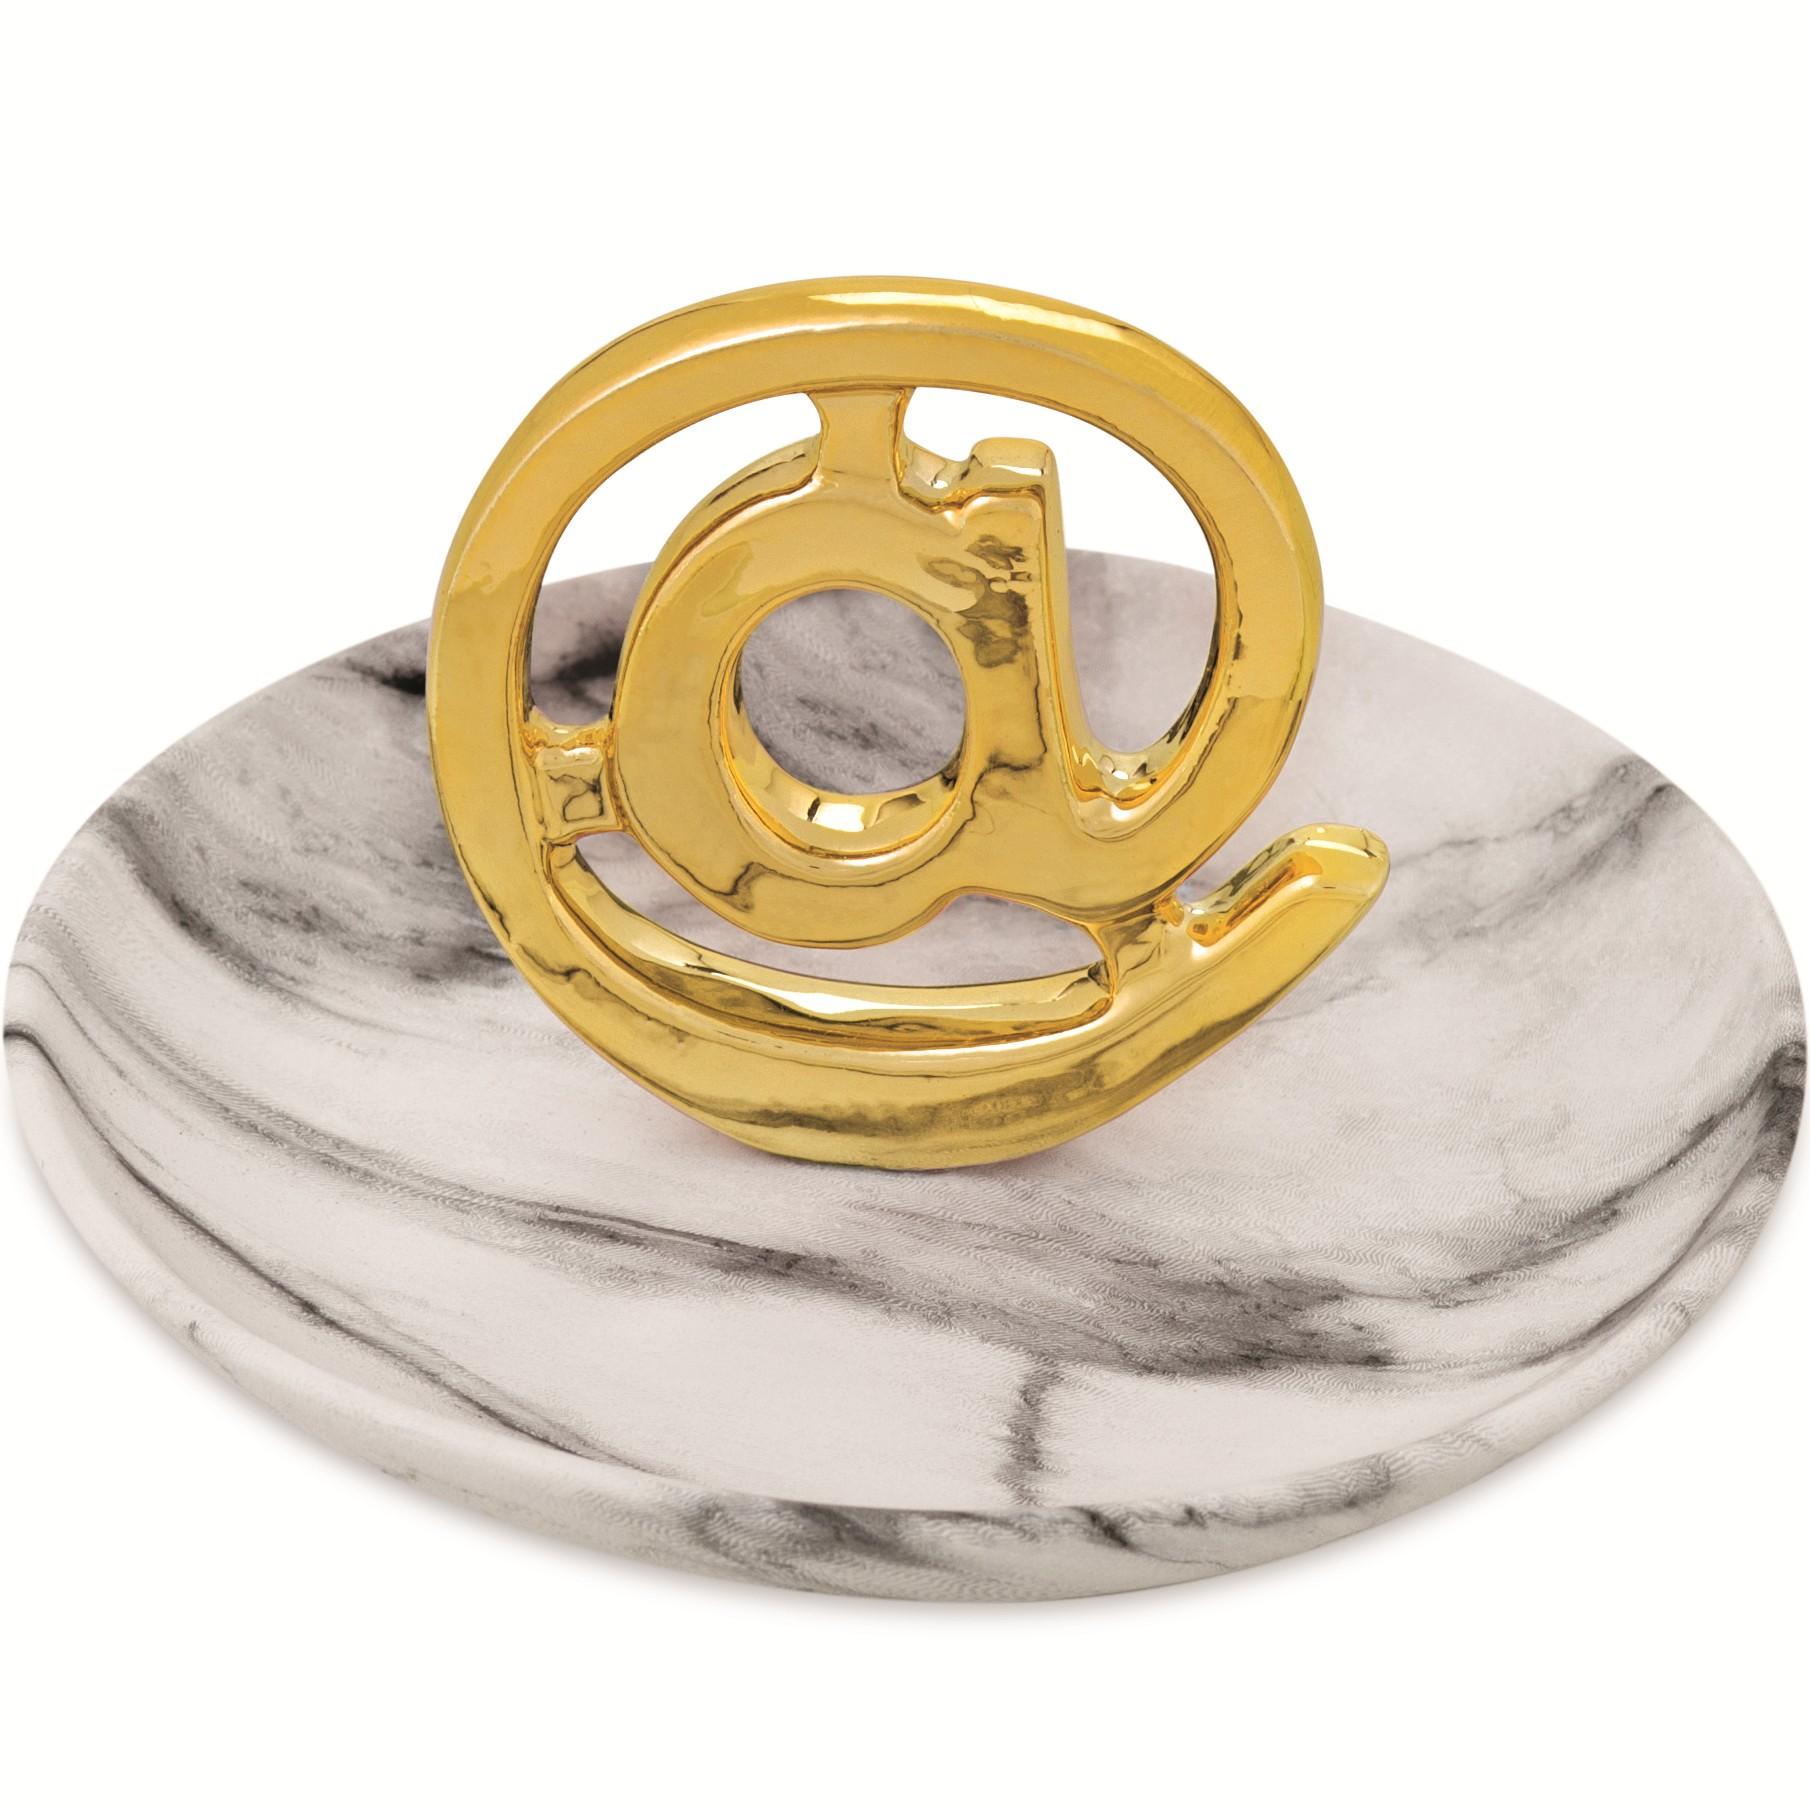 Porta-treco Ceramica 13cm Dourado com Prato - Mart